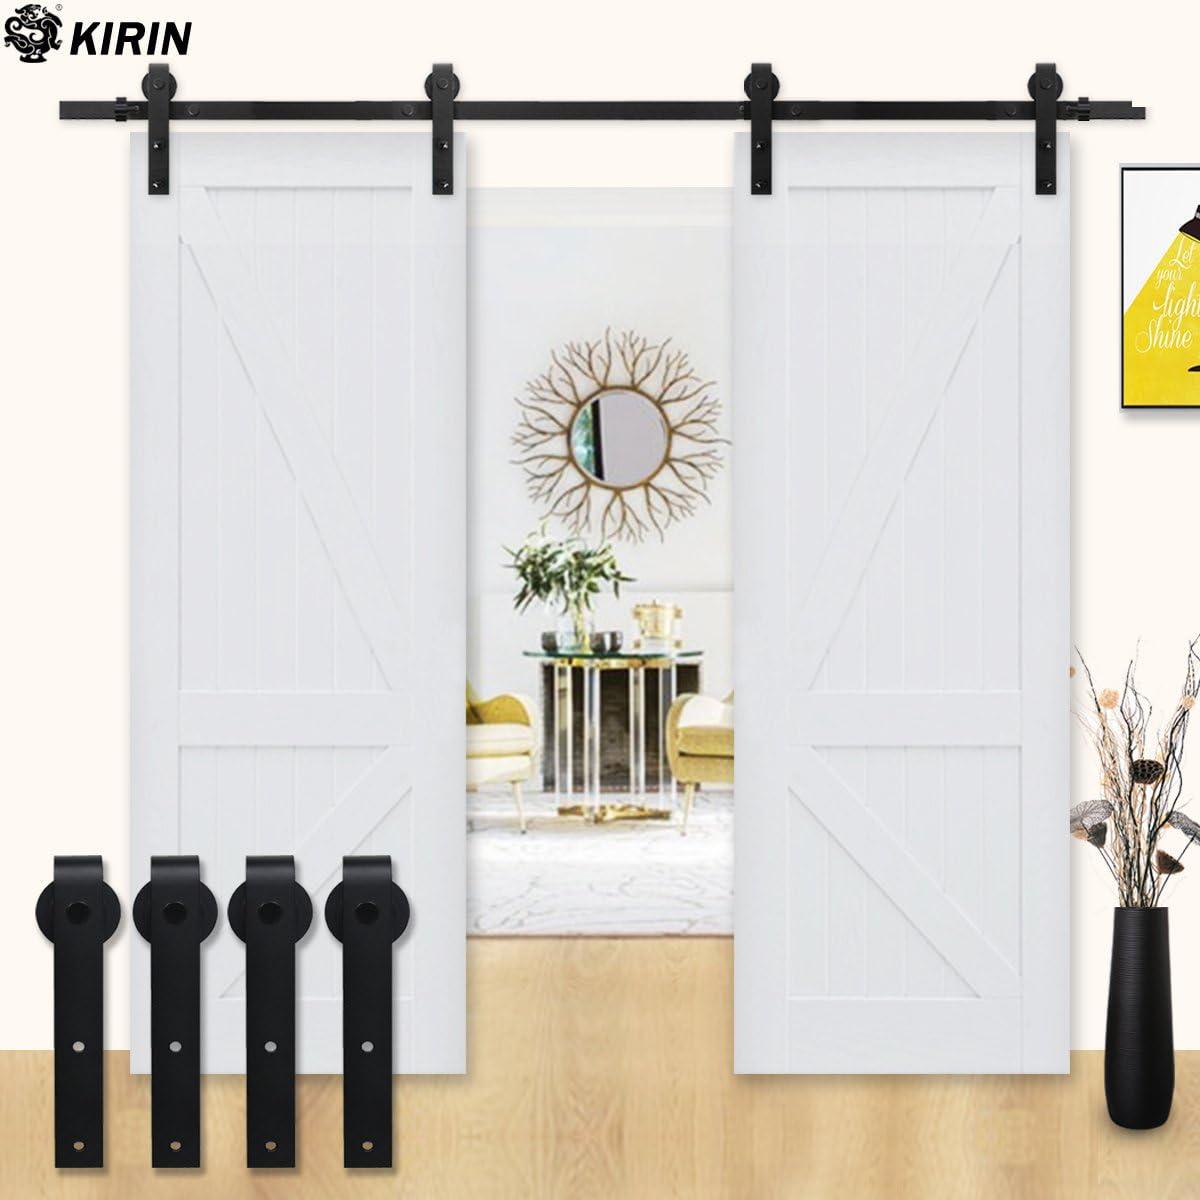 KIRIN - Kit de herramientas para puerta corredera de interior vintage americano para puertas dobles y decoración del hogar para cocina, baño, dormitorio: Amazon.es: Bricolaje y herramientas